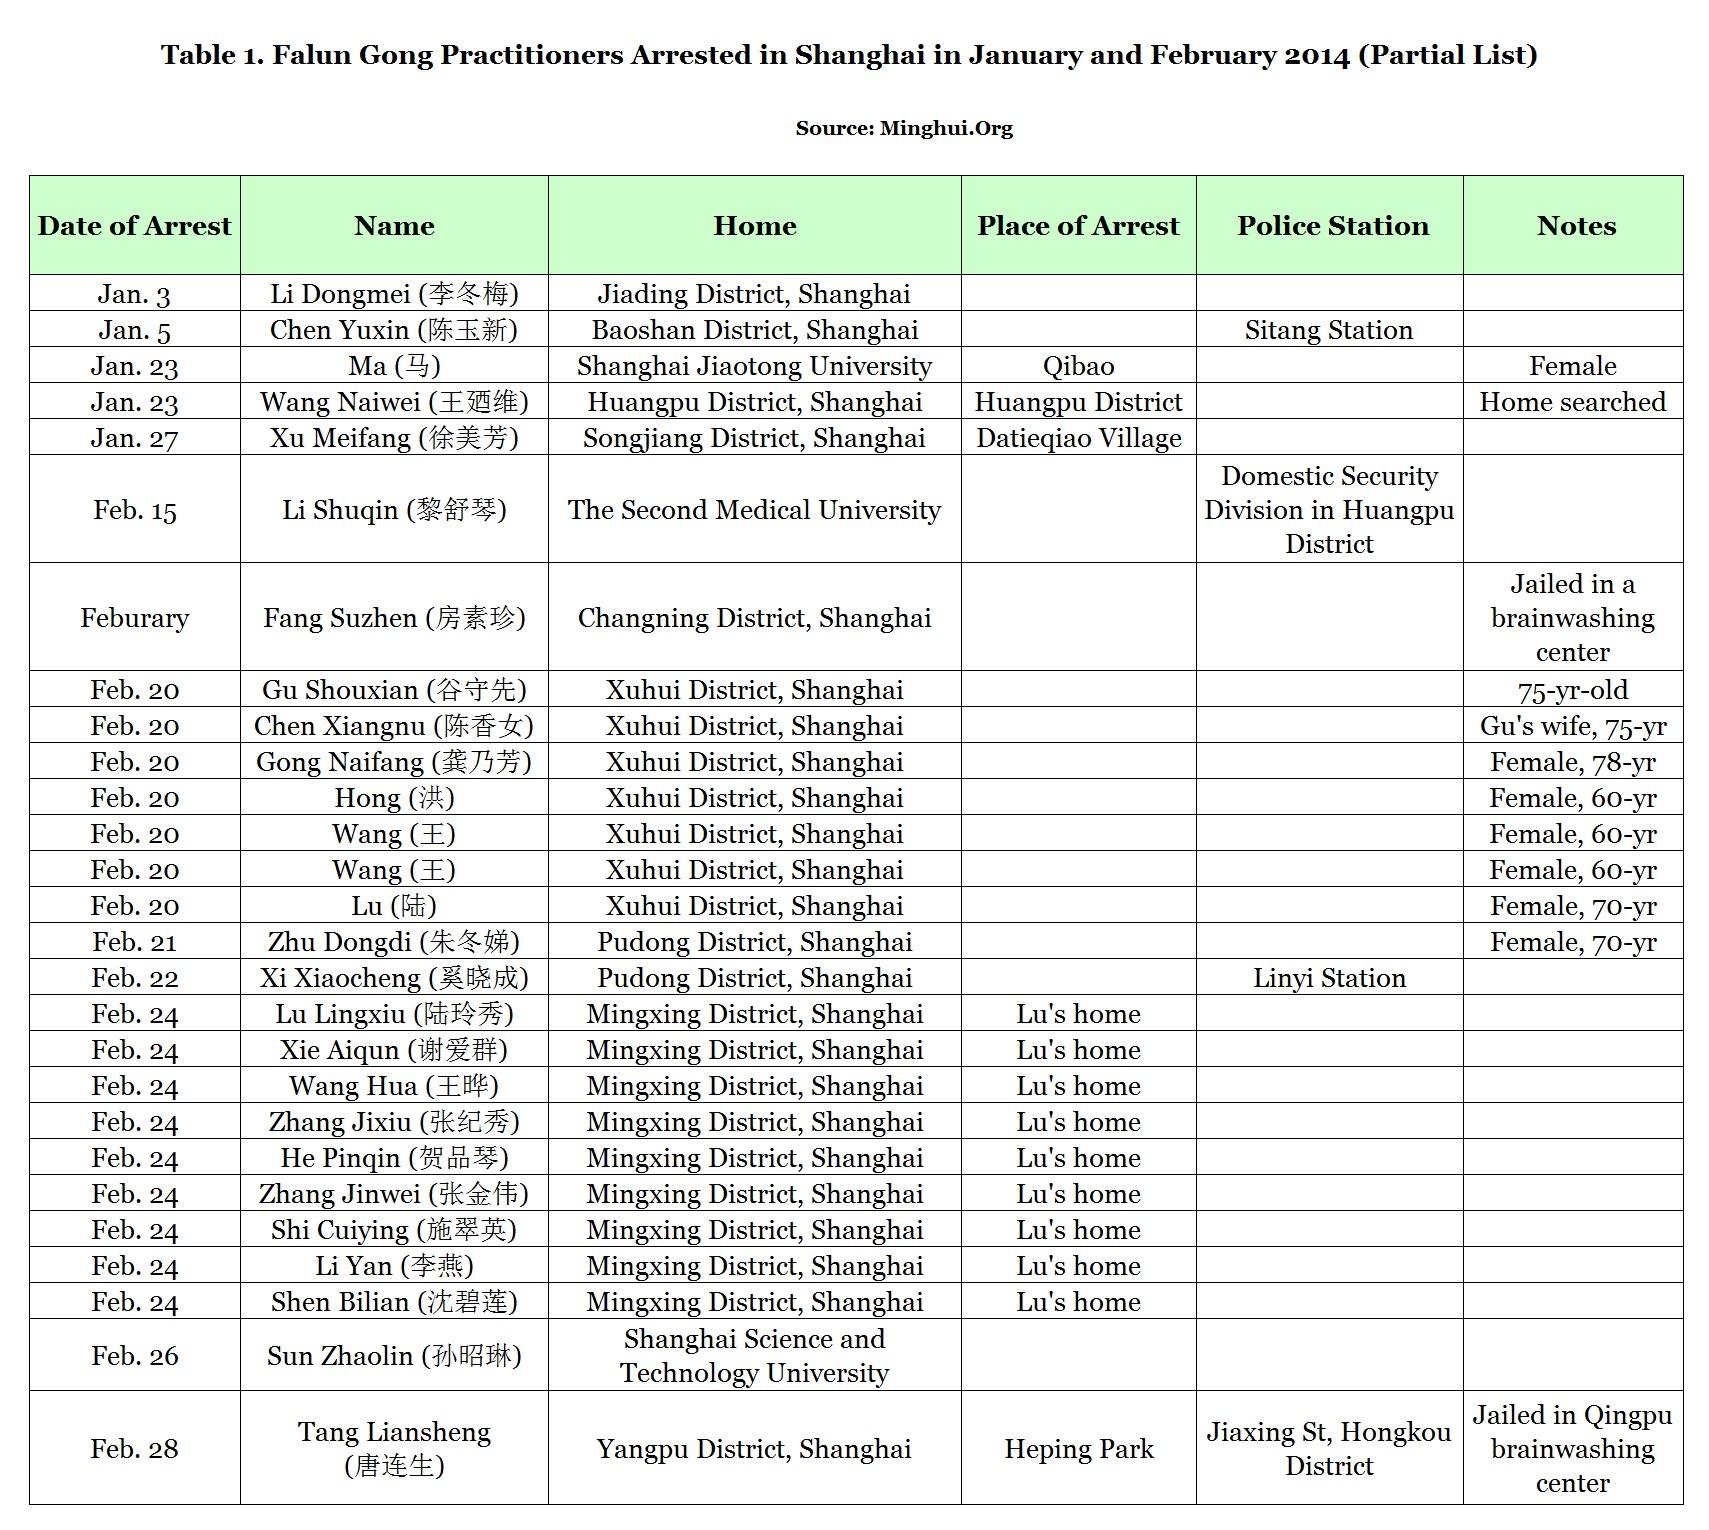 Pięćdziesięciu sześciu praktykujących Falun Gong zaaresztowanych w 2014 r. w Szanghaju